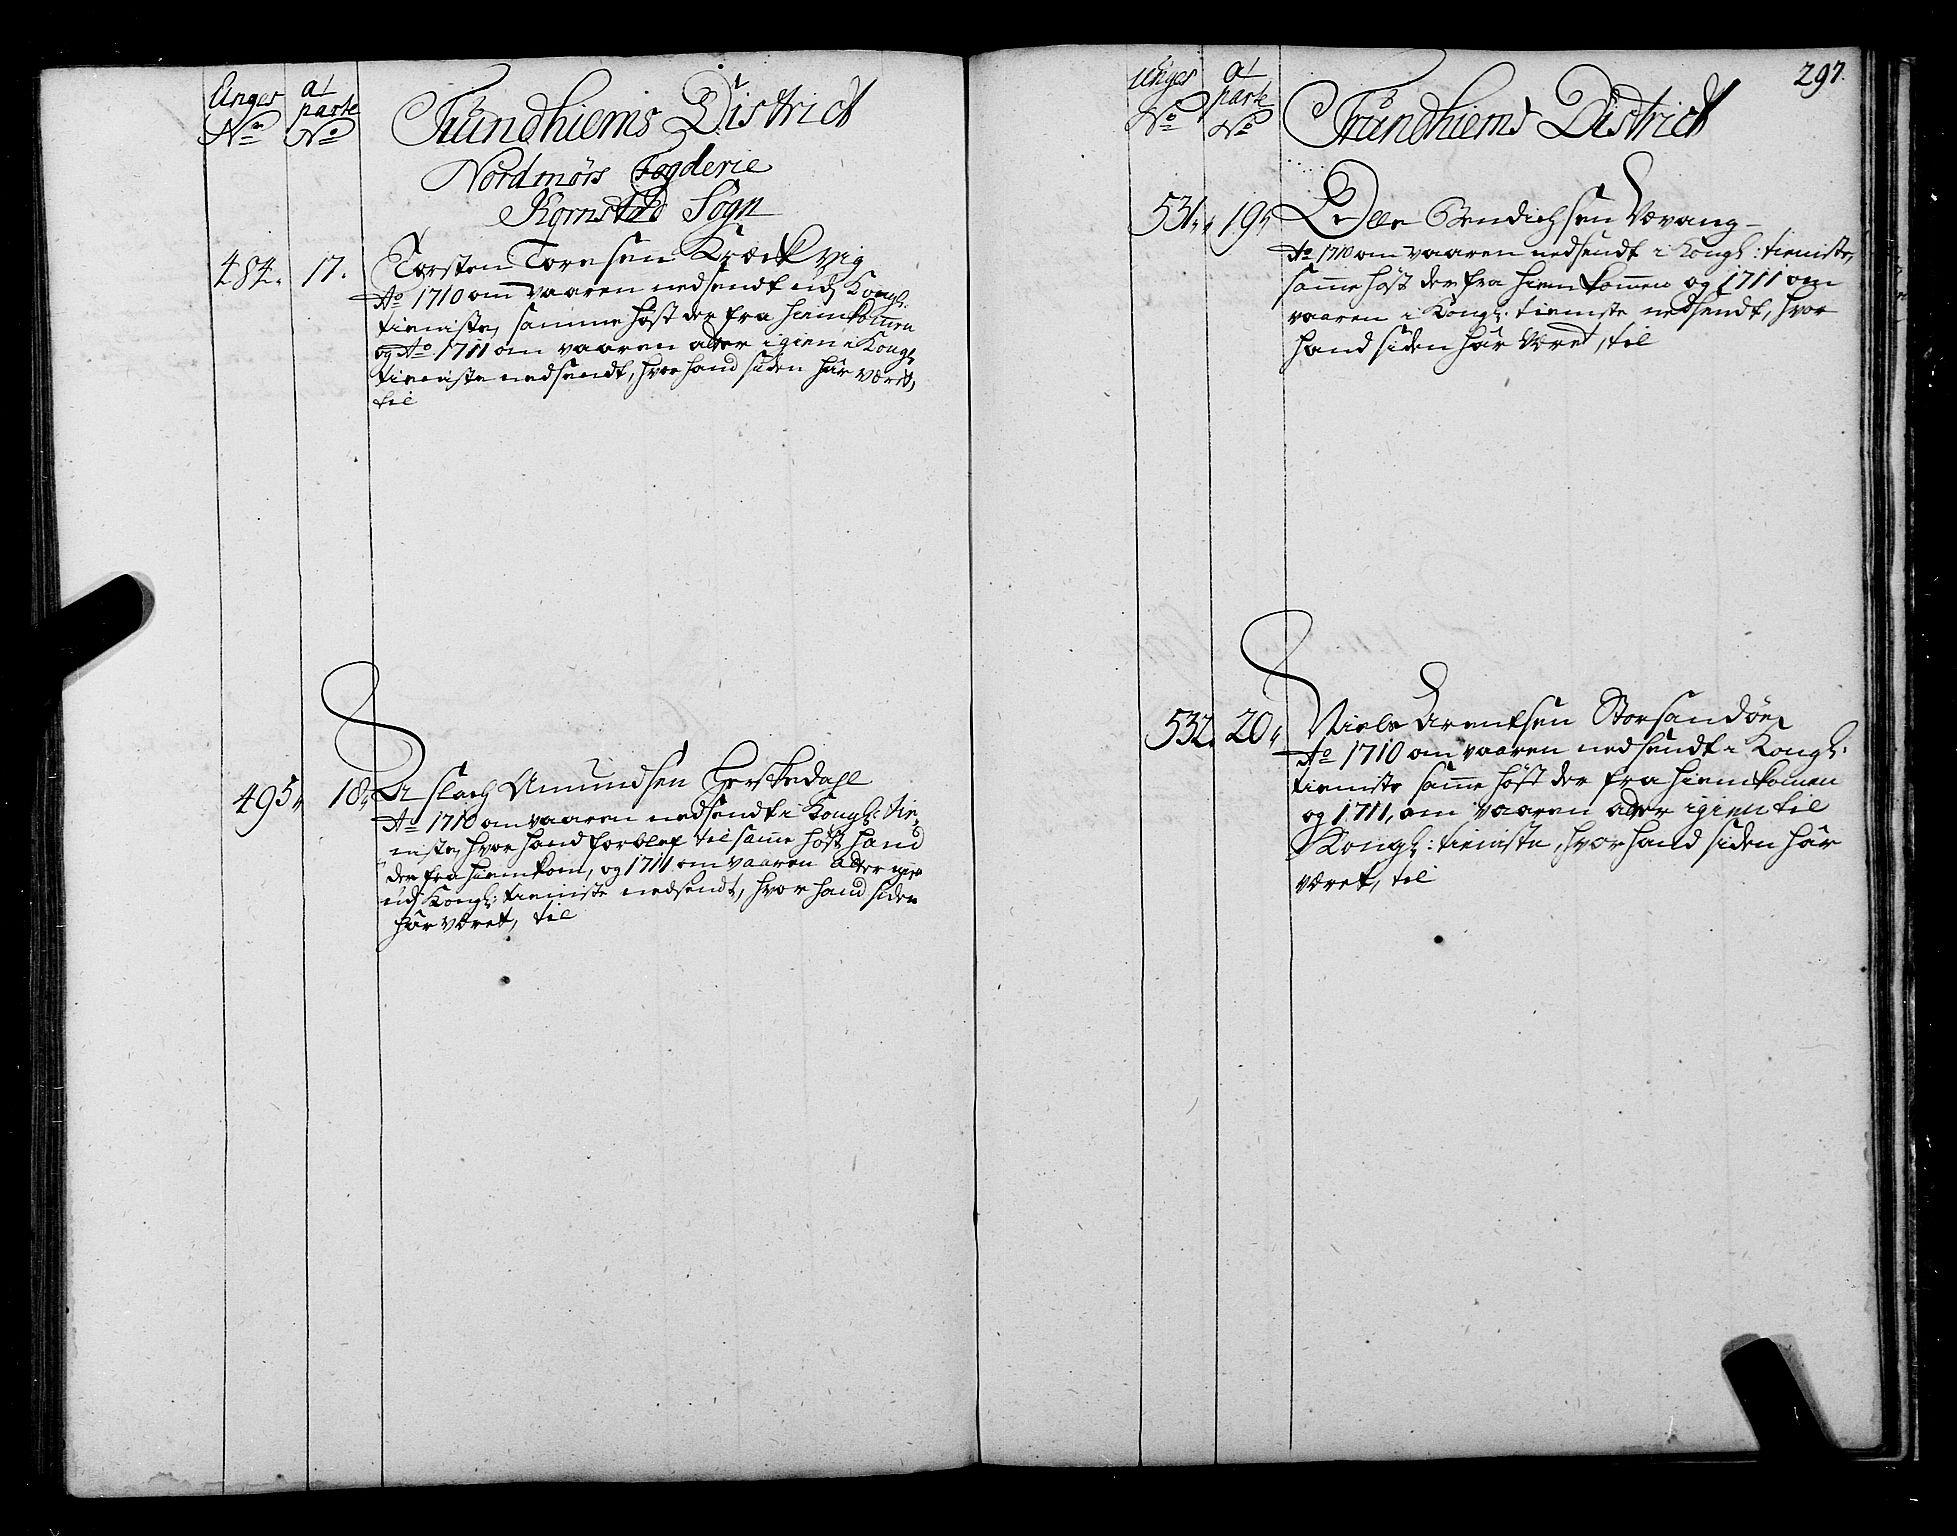 SAT, Sjøinnrulleringen - Trondhjemske distrikt, 01/L0004: Ruller over sjøfolk i Trondhjem by, 1704-1710, s. 297